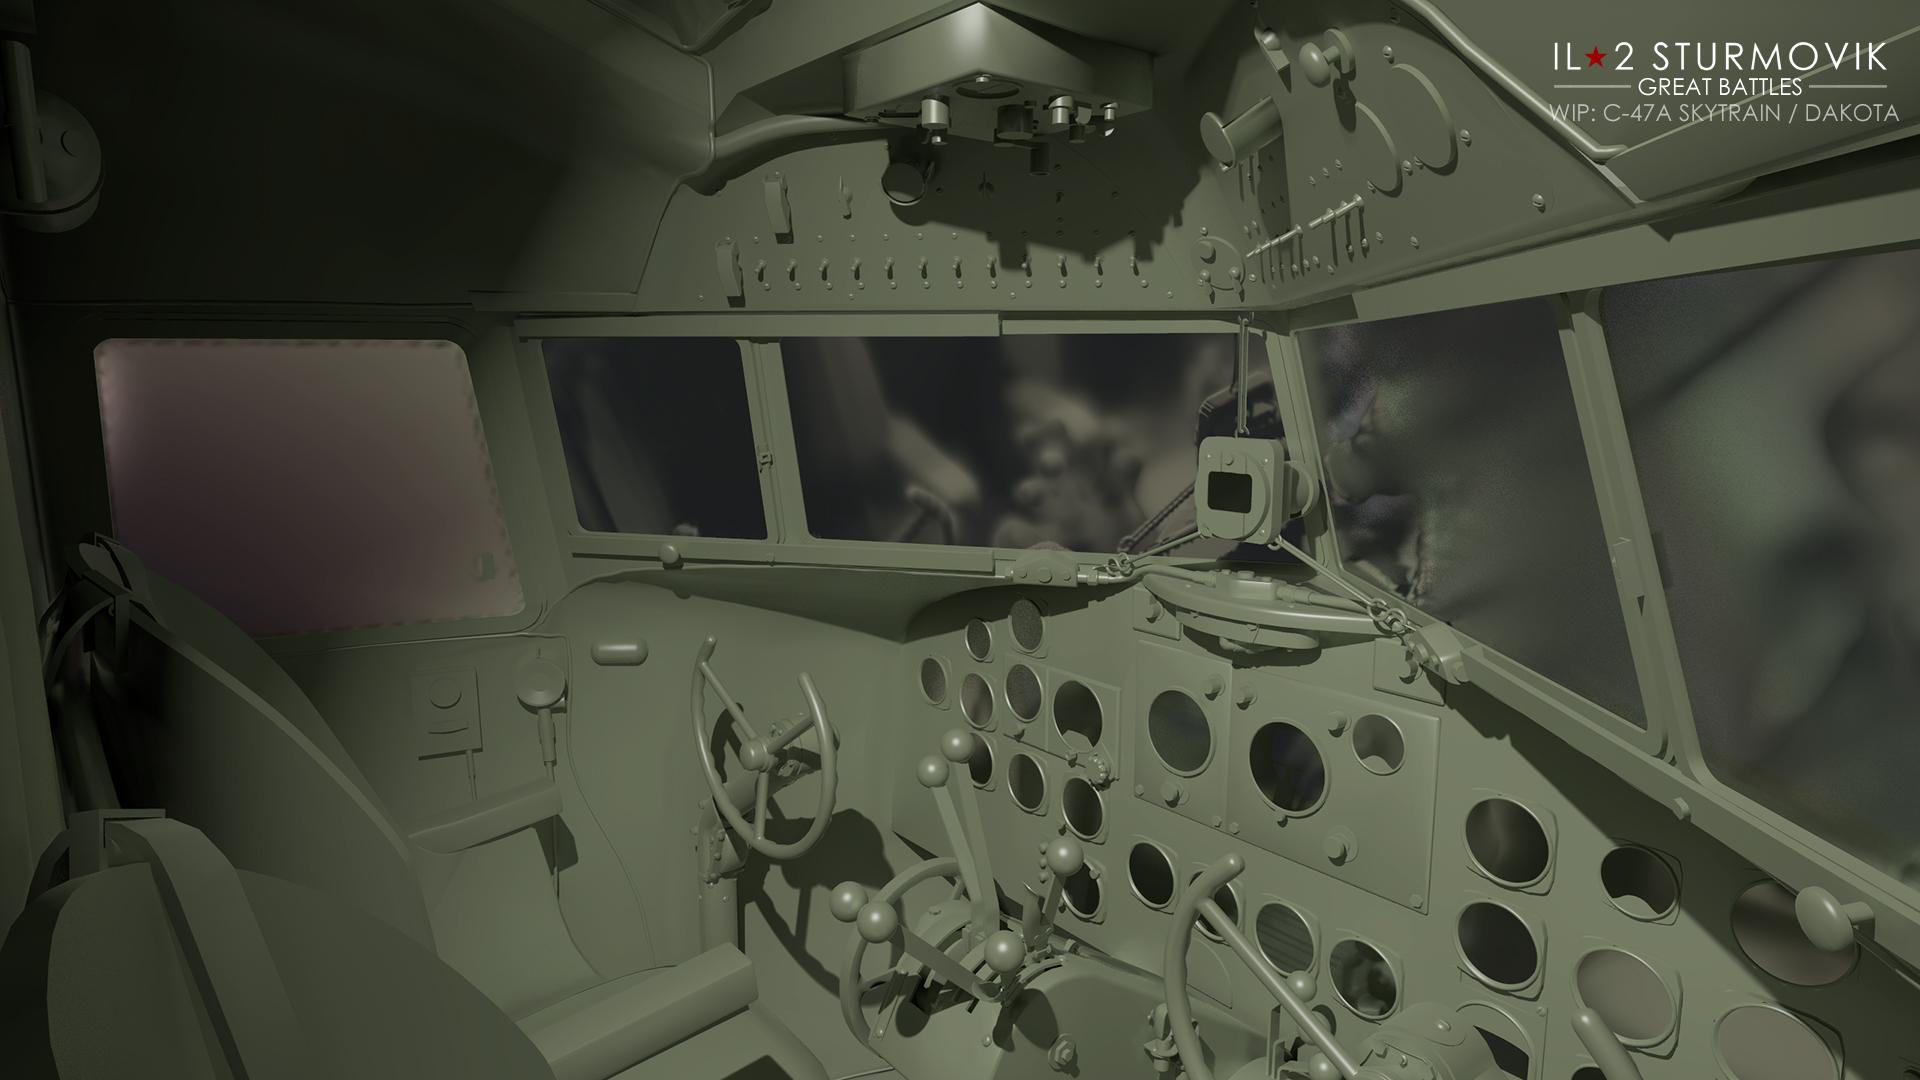 Escadrille CCG - Accueil C-47_Cockpit_02.jpg.850e278a3cf250bf040afa67eaf3c0ea